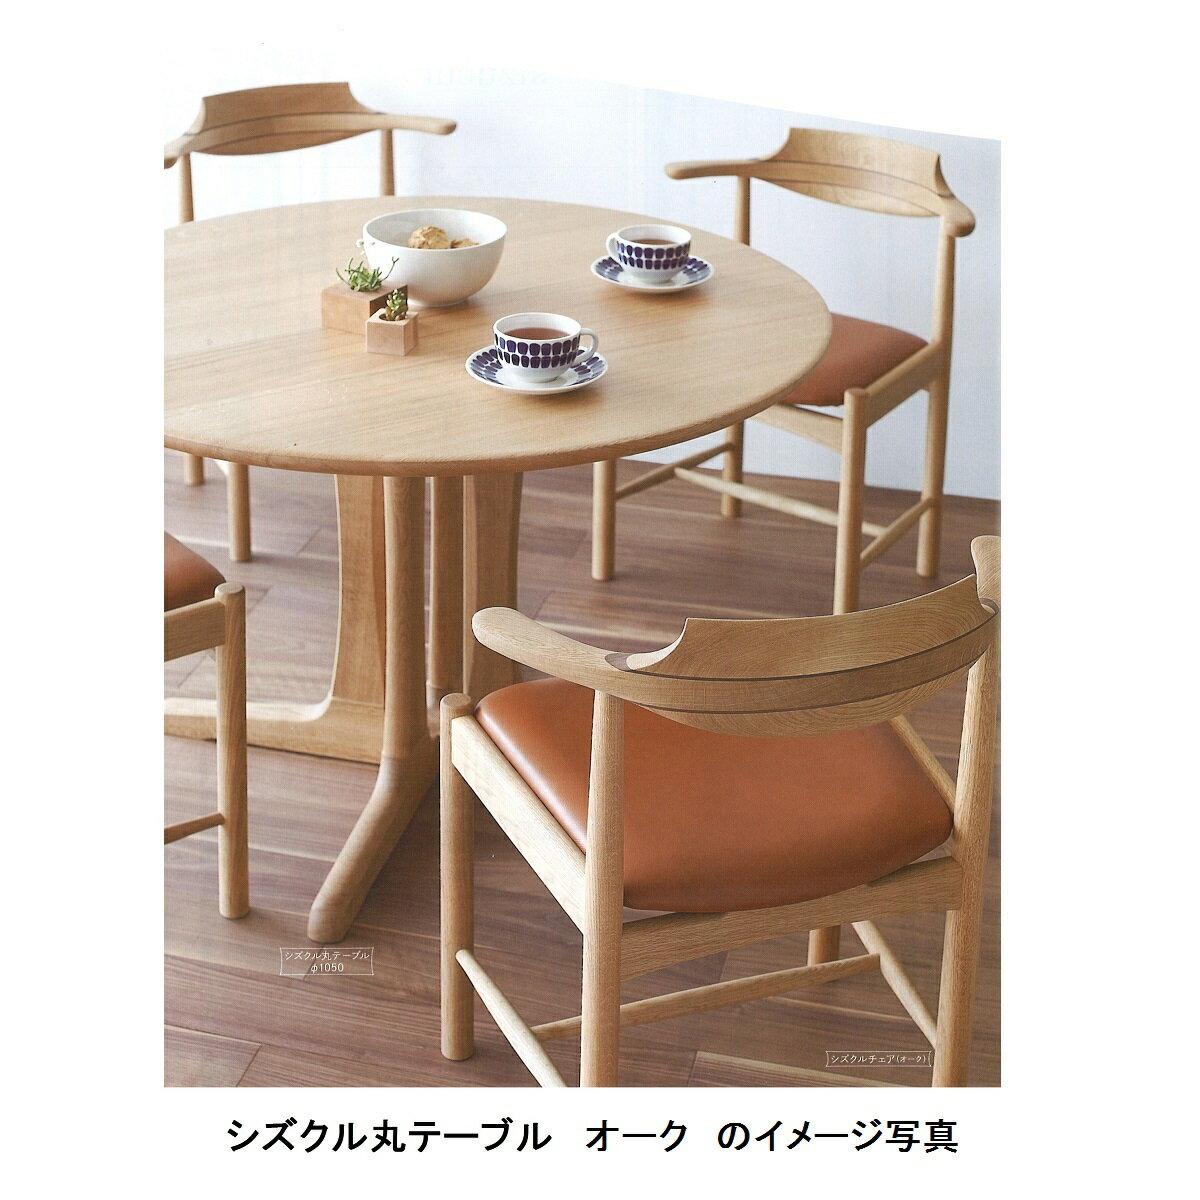 飛騨高山 木馬舎の家具 シズクル丸テーブルΦ1200 3素材対応受注生産につき、注文後の変更・キャンセル不可送料無料(玄関前配送)沖縄・北海道・離島は除く